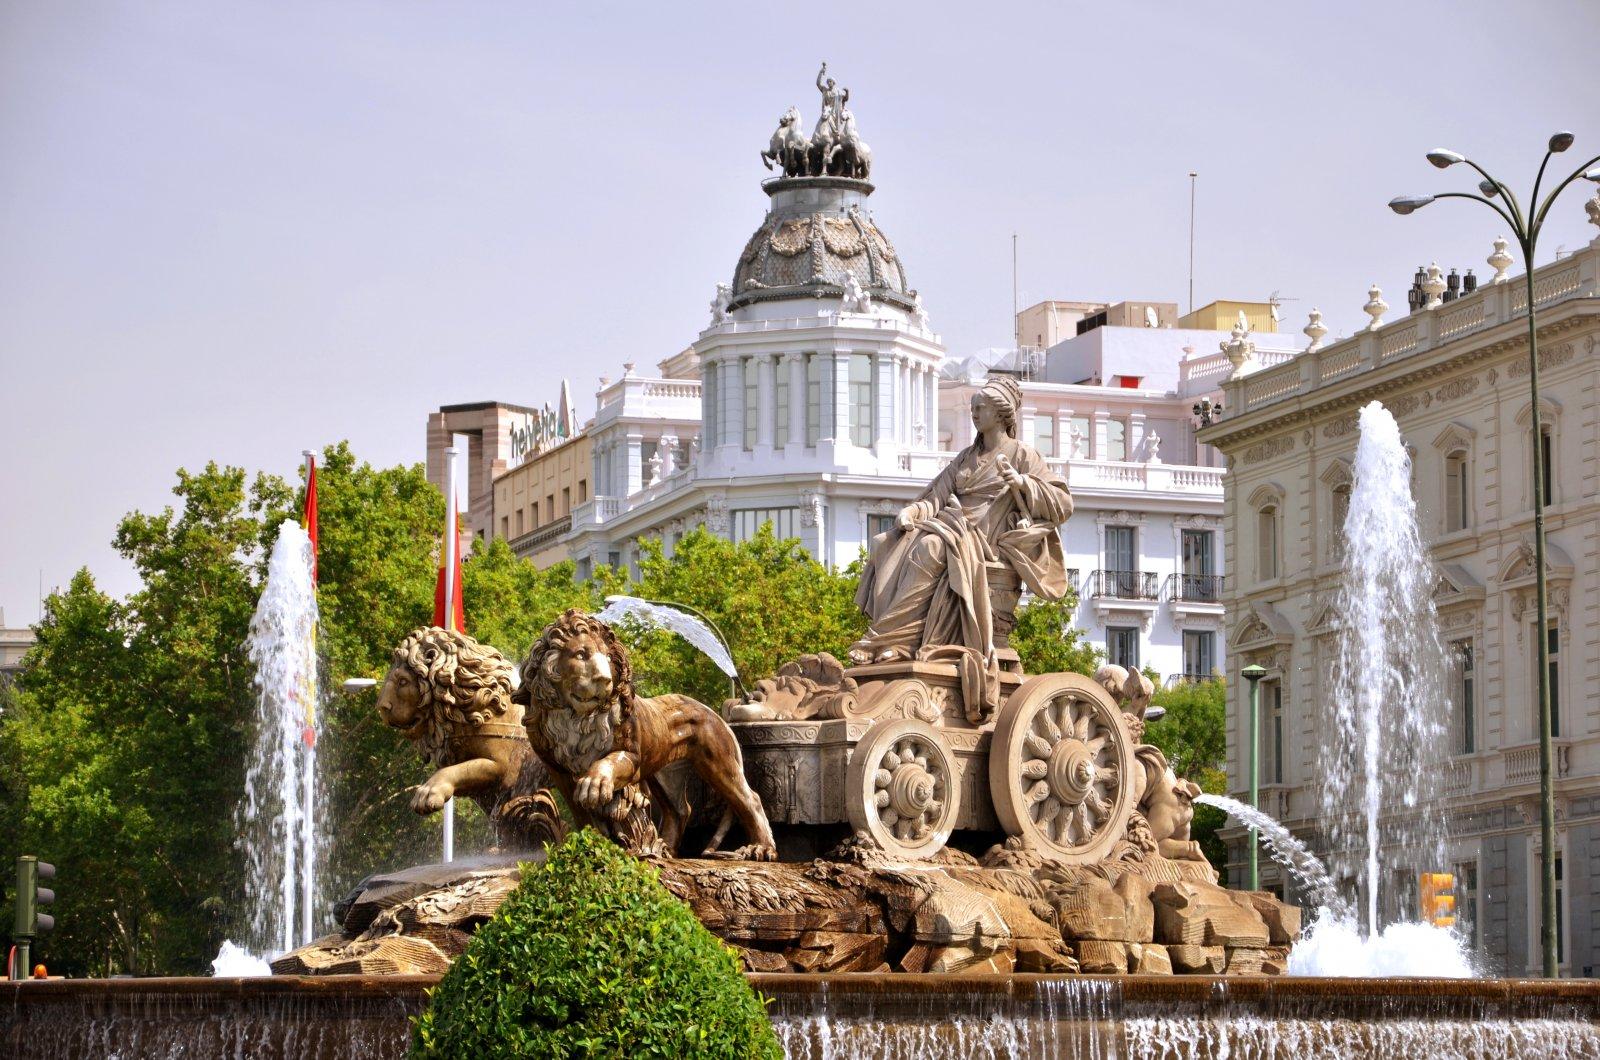 多元化城市-马德里